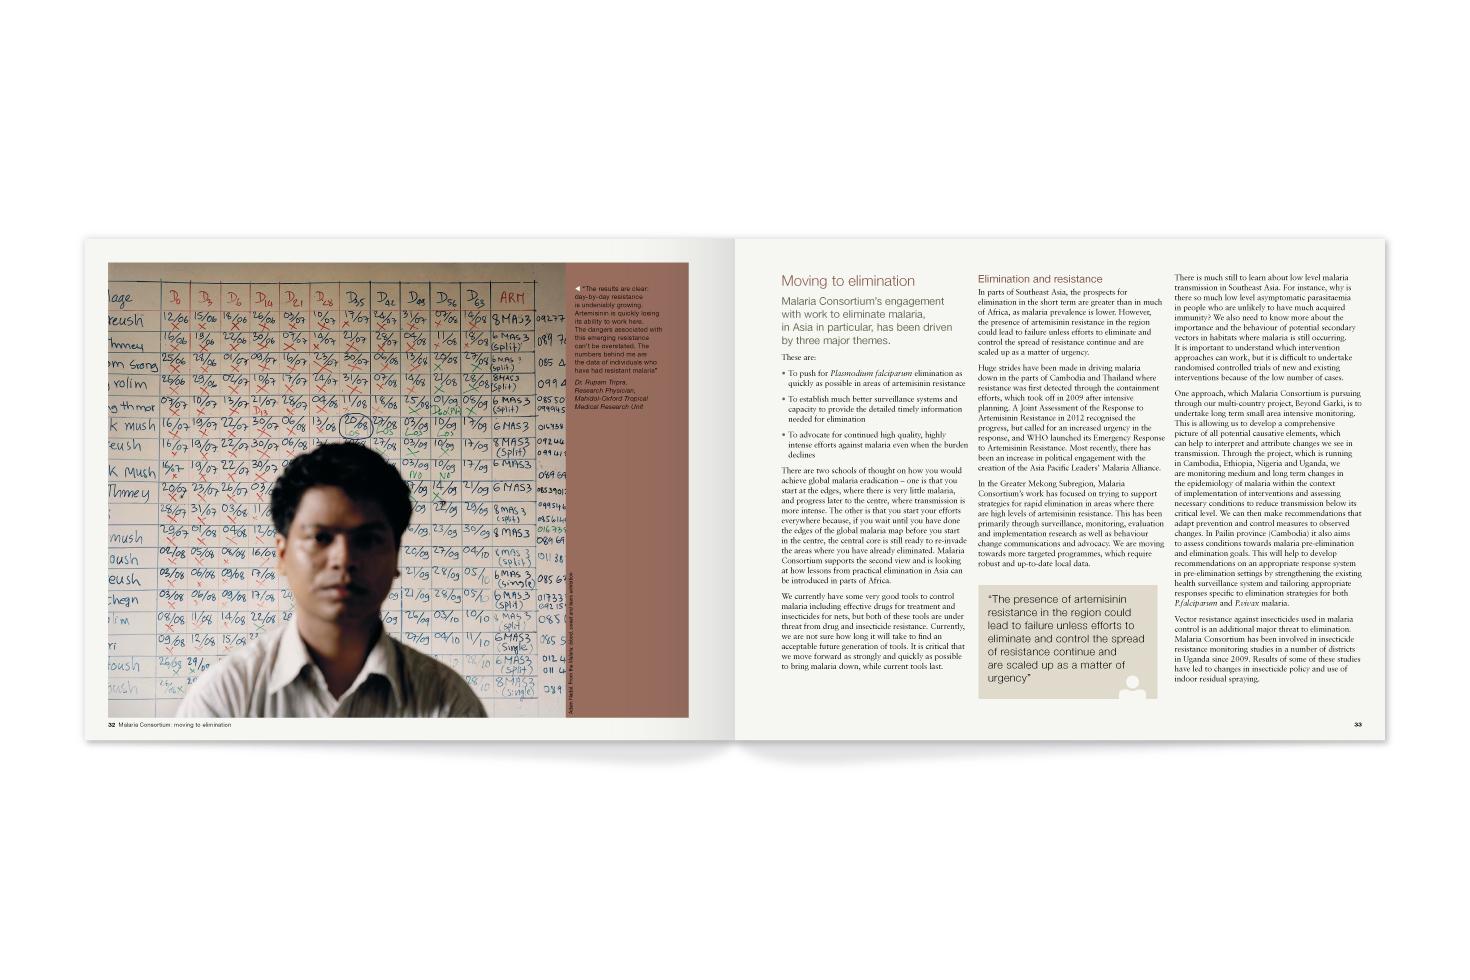 Malaria Consortium report pages